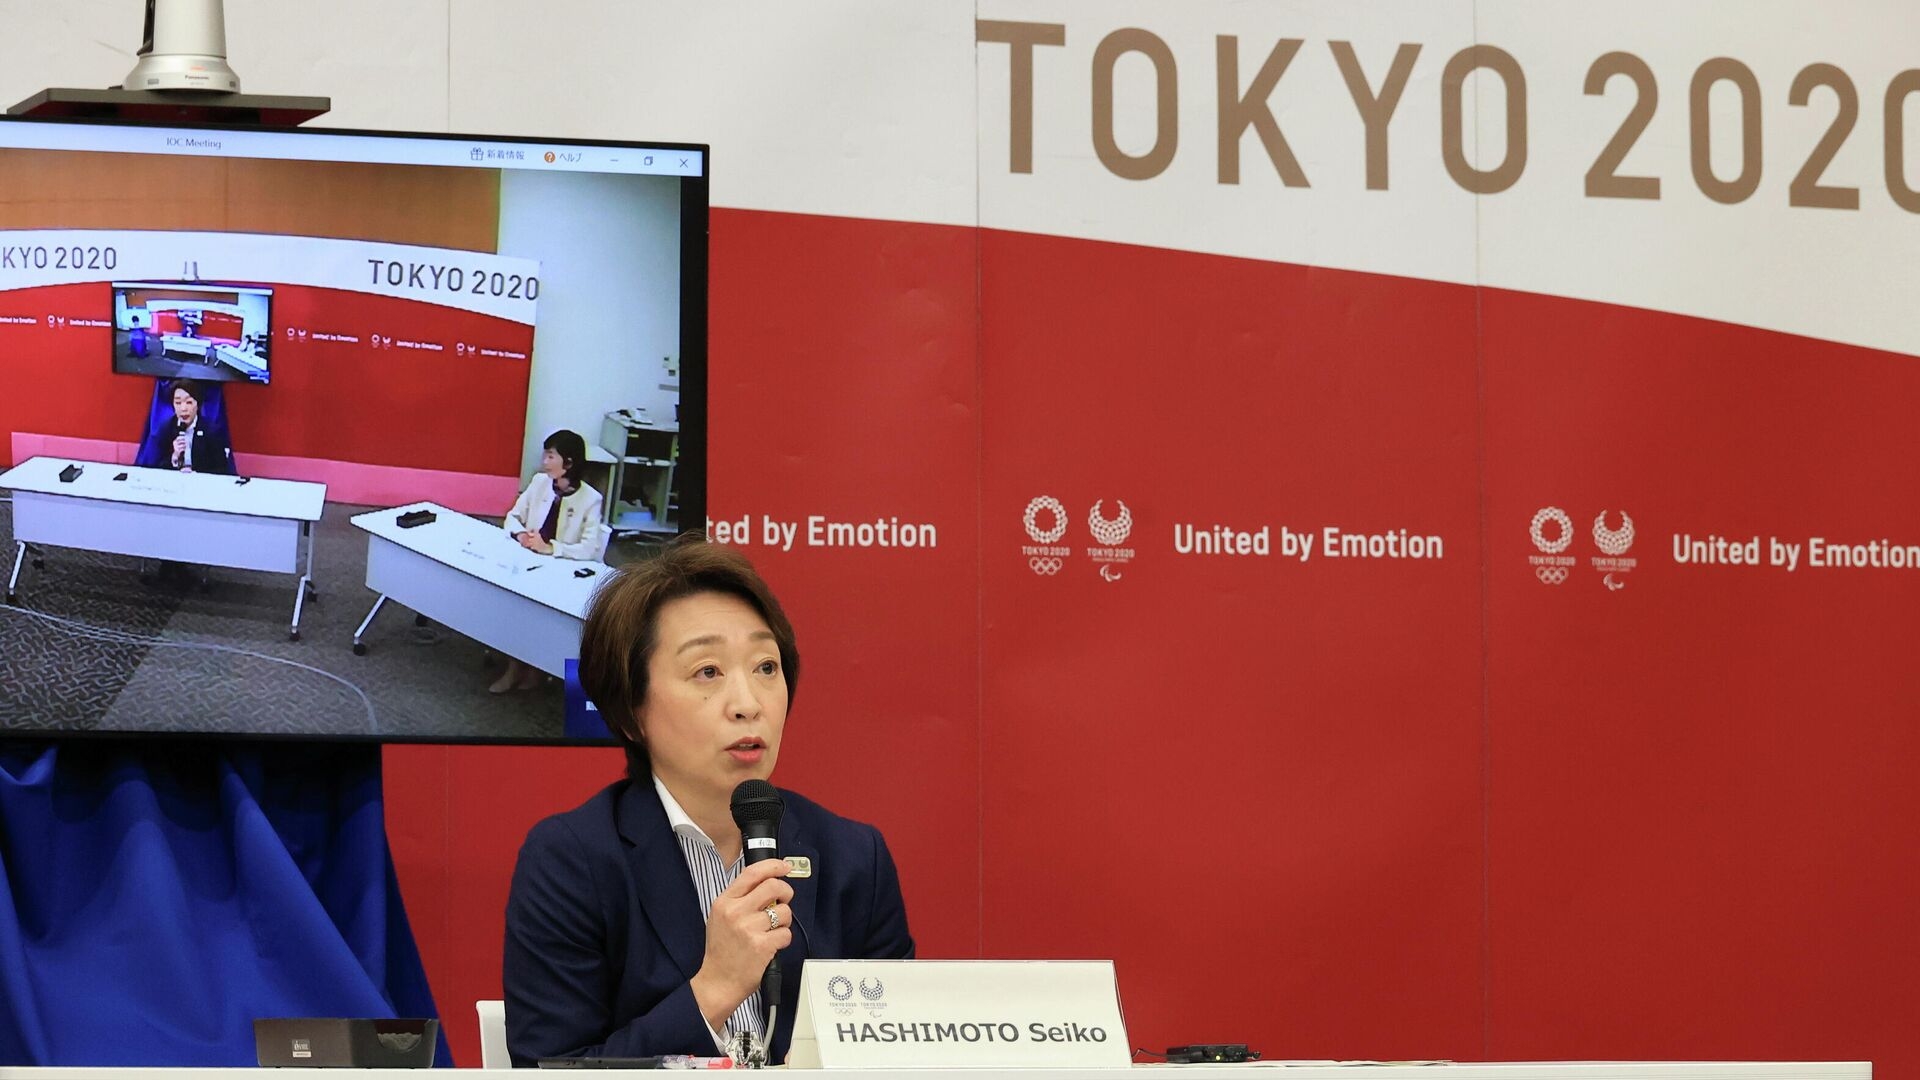 Seiko Hashimoto, la presidenta del comité organizador de los Juegos Olímpicos de Tokio - Sputnik Mundo, 1920, 20.03.2021